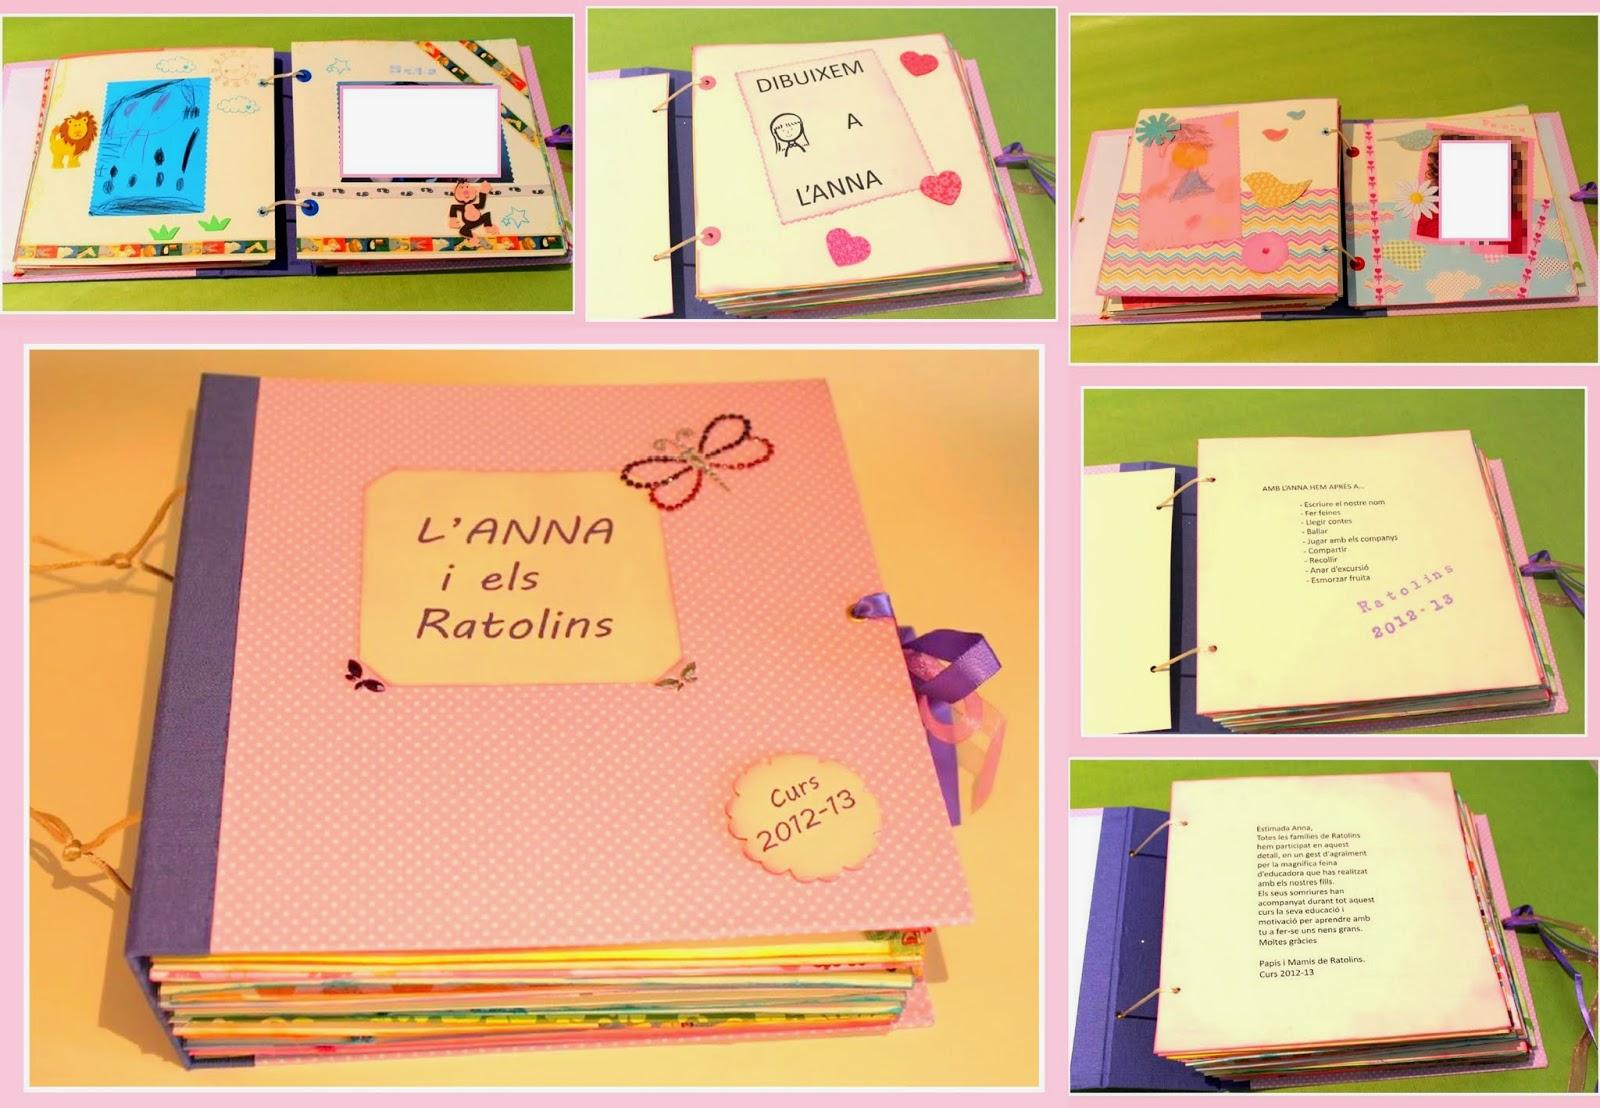 Manualidades para hacer un album familiar para la escuela como hacer un album de fotos casero imagui - Manualidades album de fotos casero ...